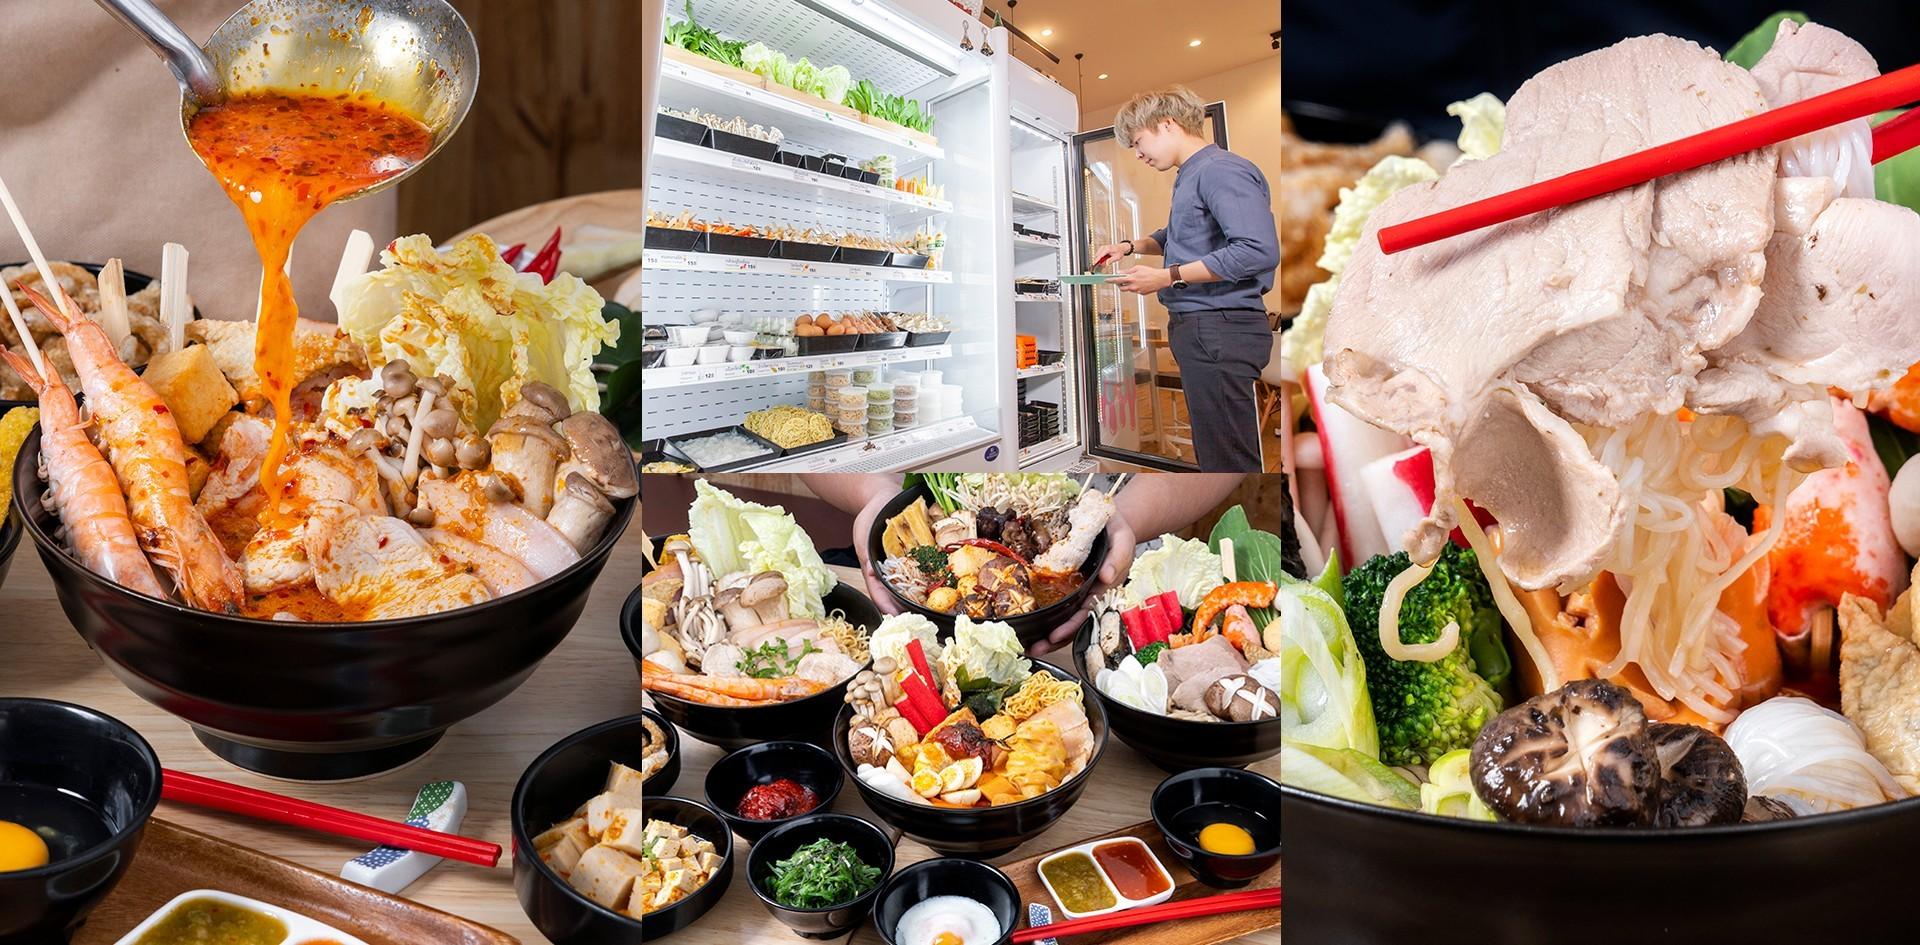 """[รีวิว] """"HO Cafe&Restaurant"""" เชียงใหม่ ชาบูถ้วยที่ใช่ ใน"""